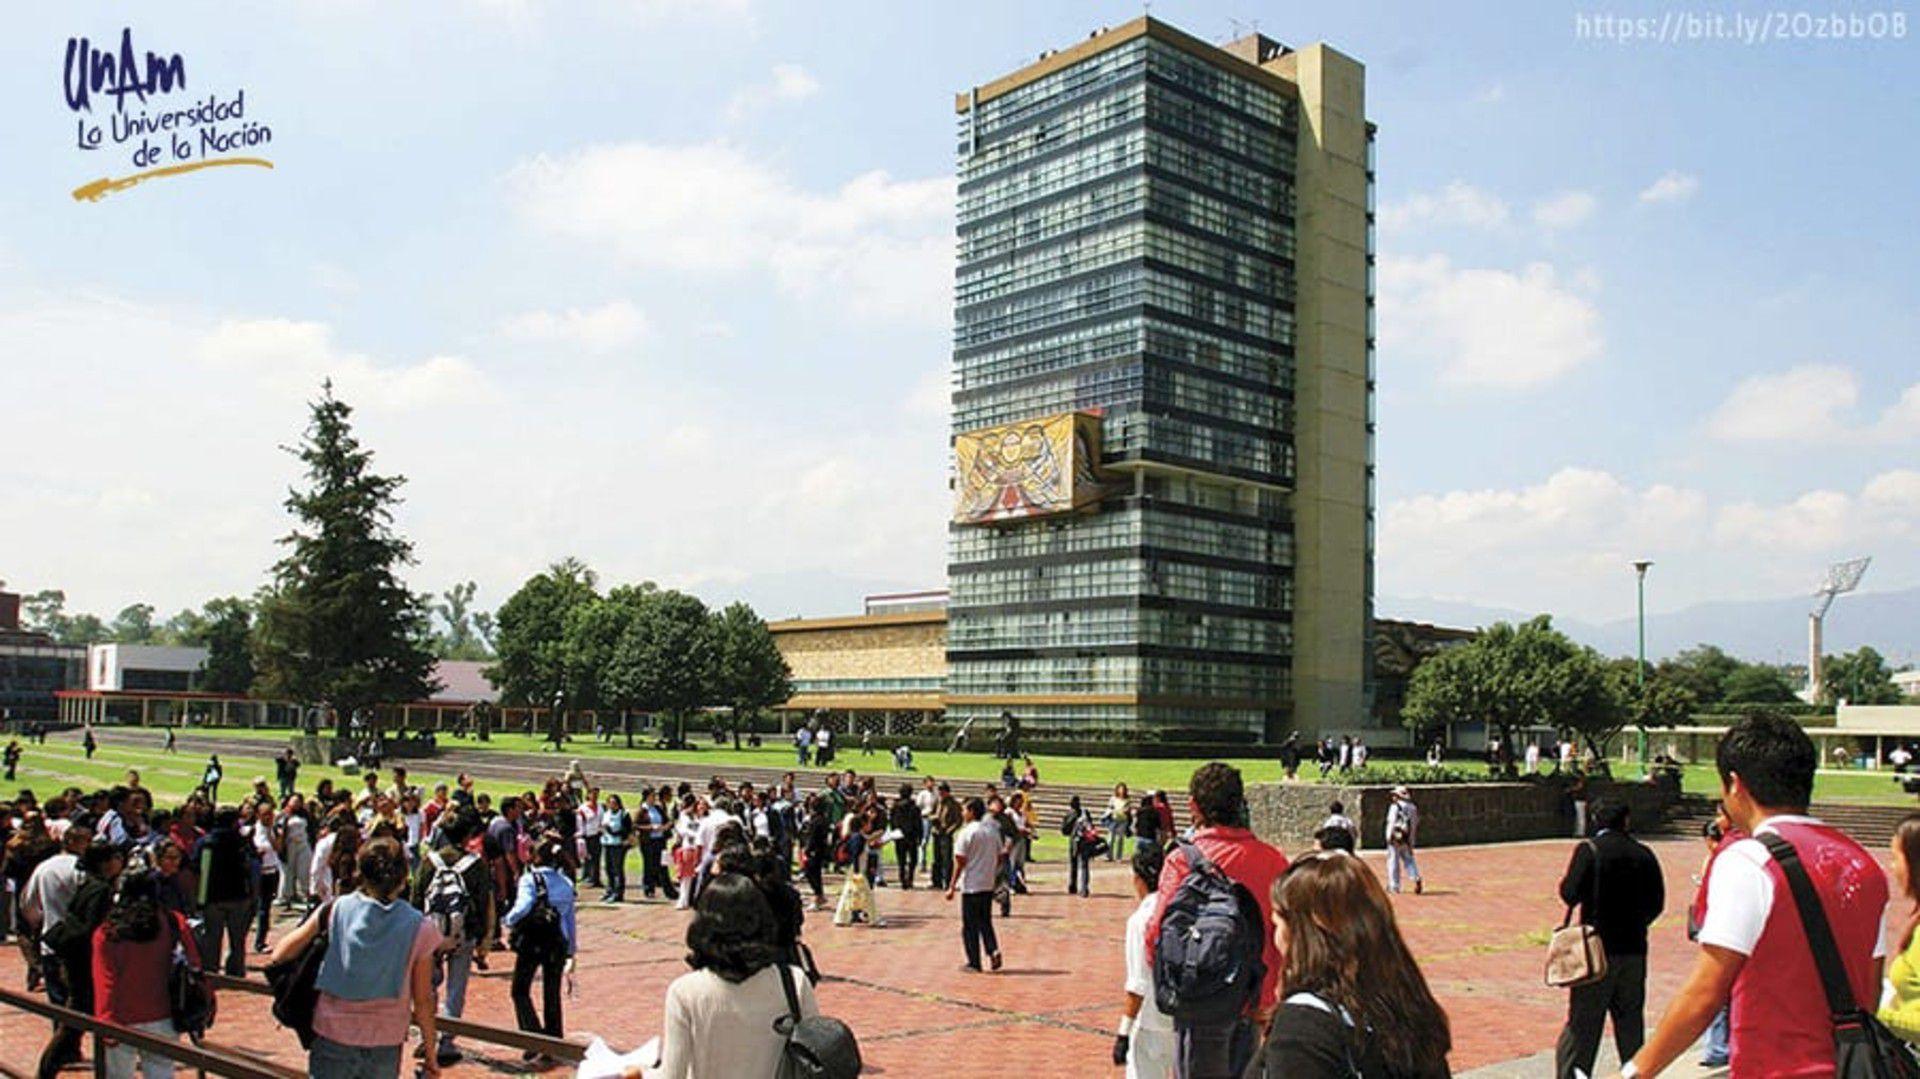 El inicio de clases de la UNAM será el 5 de agosto tanto para los planes anuales como los semestrales (Foto: Facebook Universidad Nacional Autónoma de México)